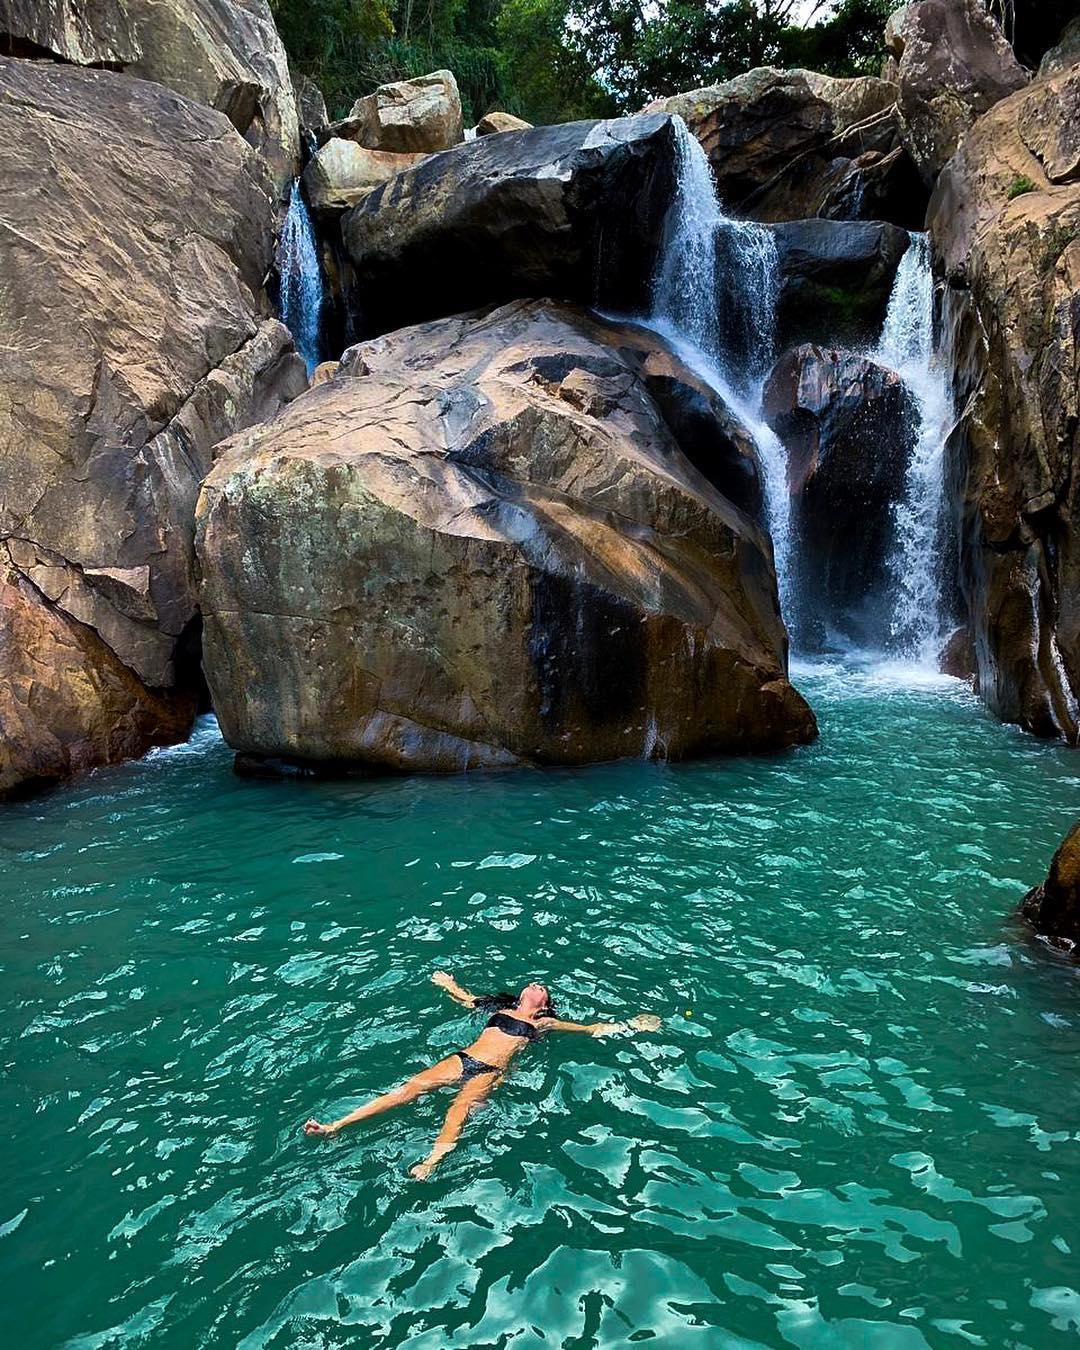 Ngâm mình trong làn nước trong xanh để xua đi cái nắng gay gắt của những ngày hè rực lửa